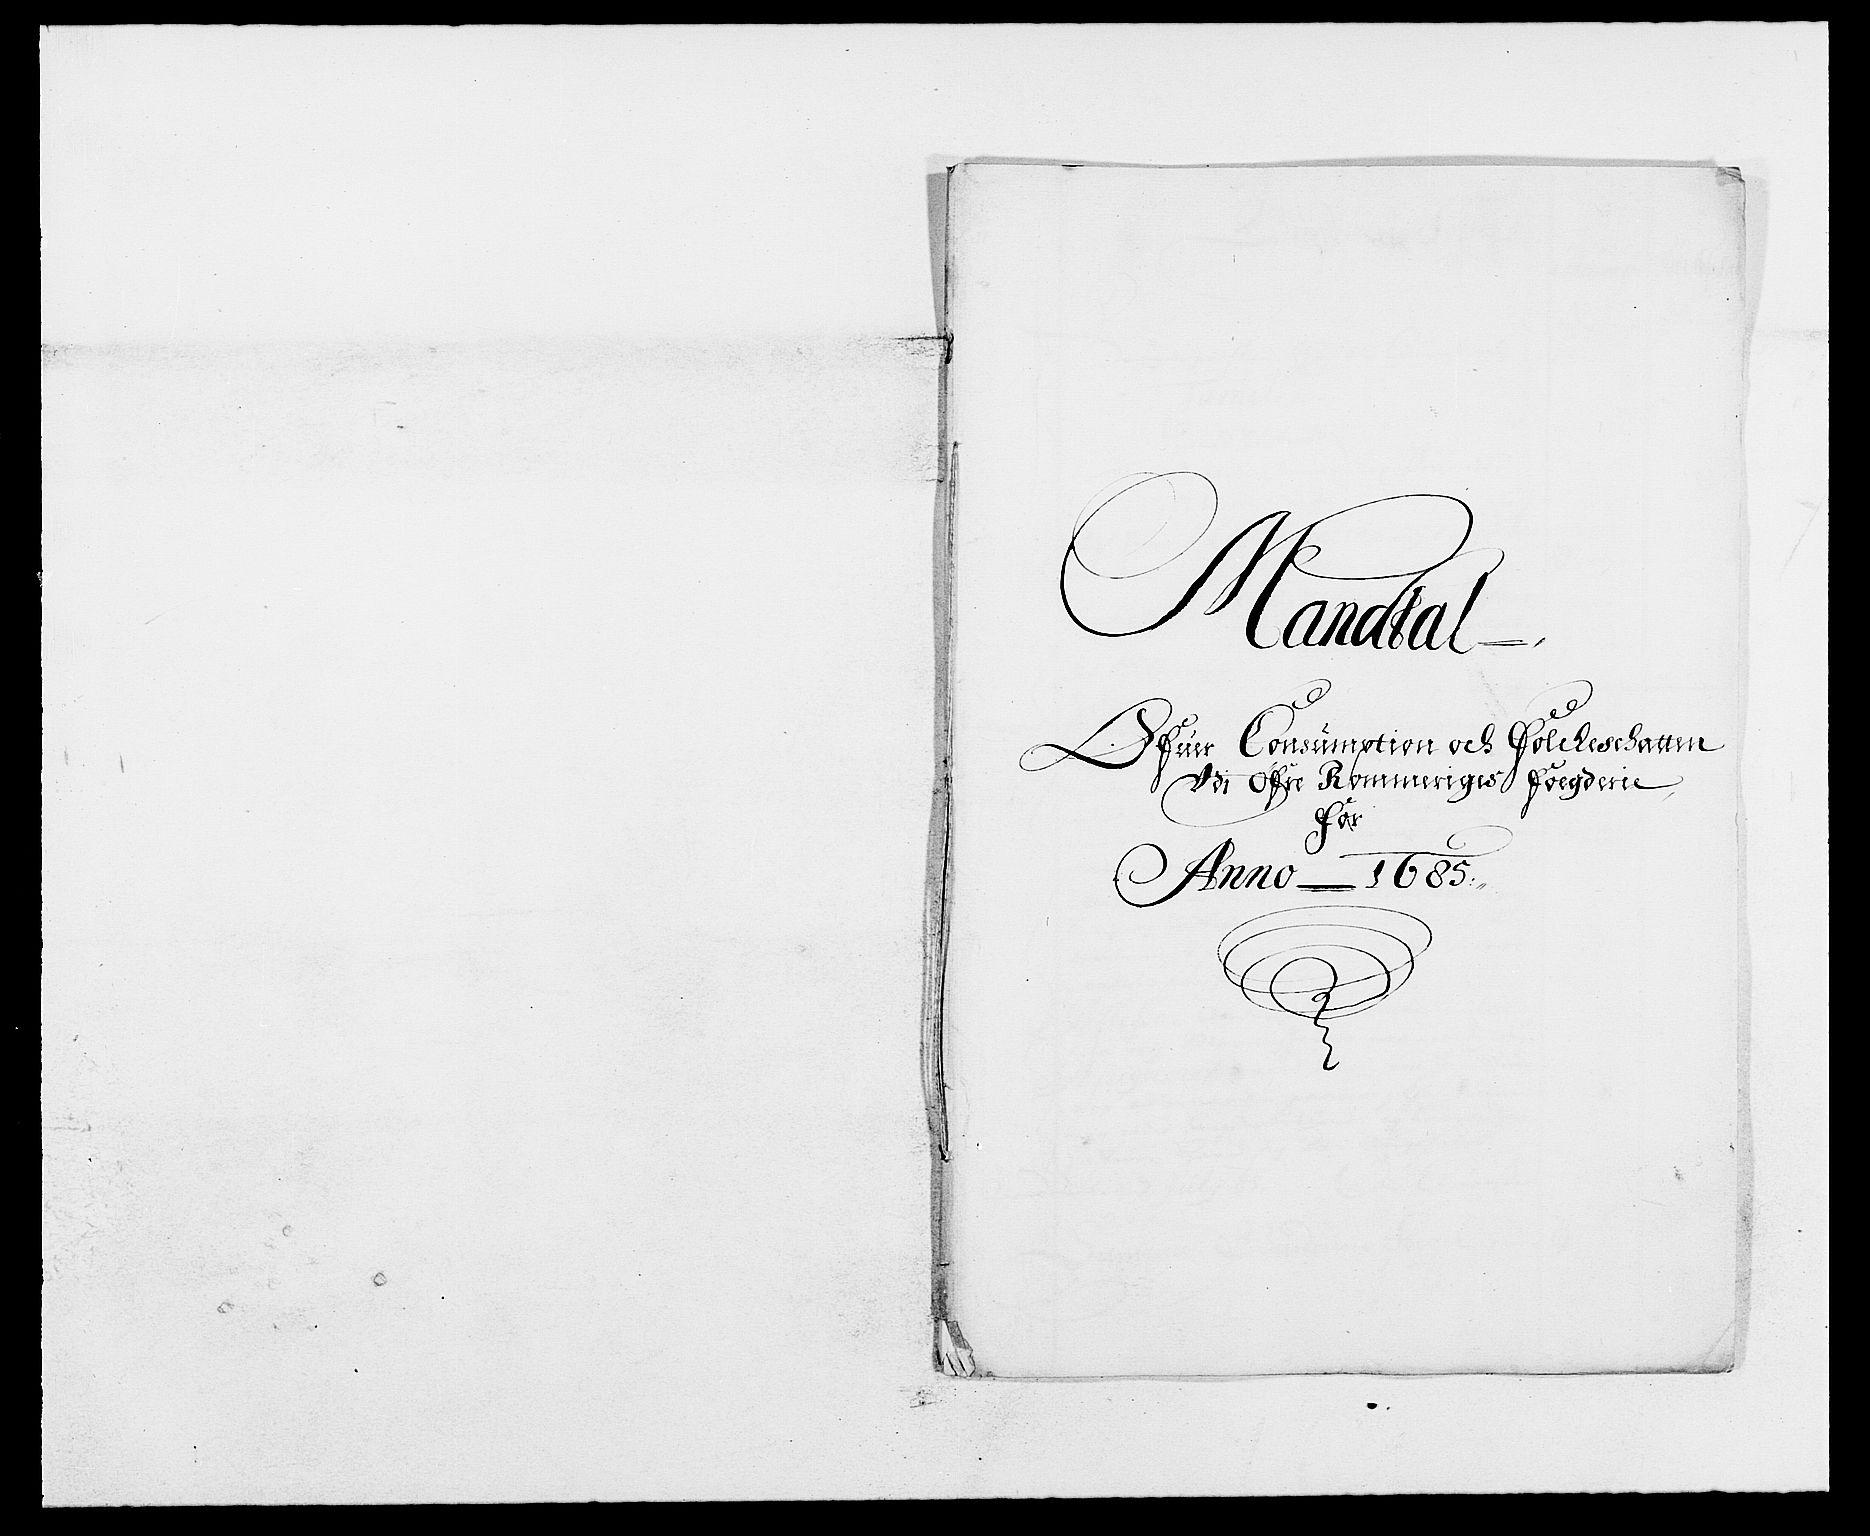 RA, Rentekammeret inntil 1814, Reviderte regnskaper, Fogderegnskap, R12/L0699: Fogderegnskap Øvre Romerike, 1685-1686, s. 77